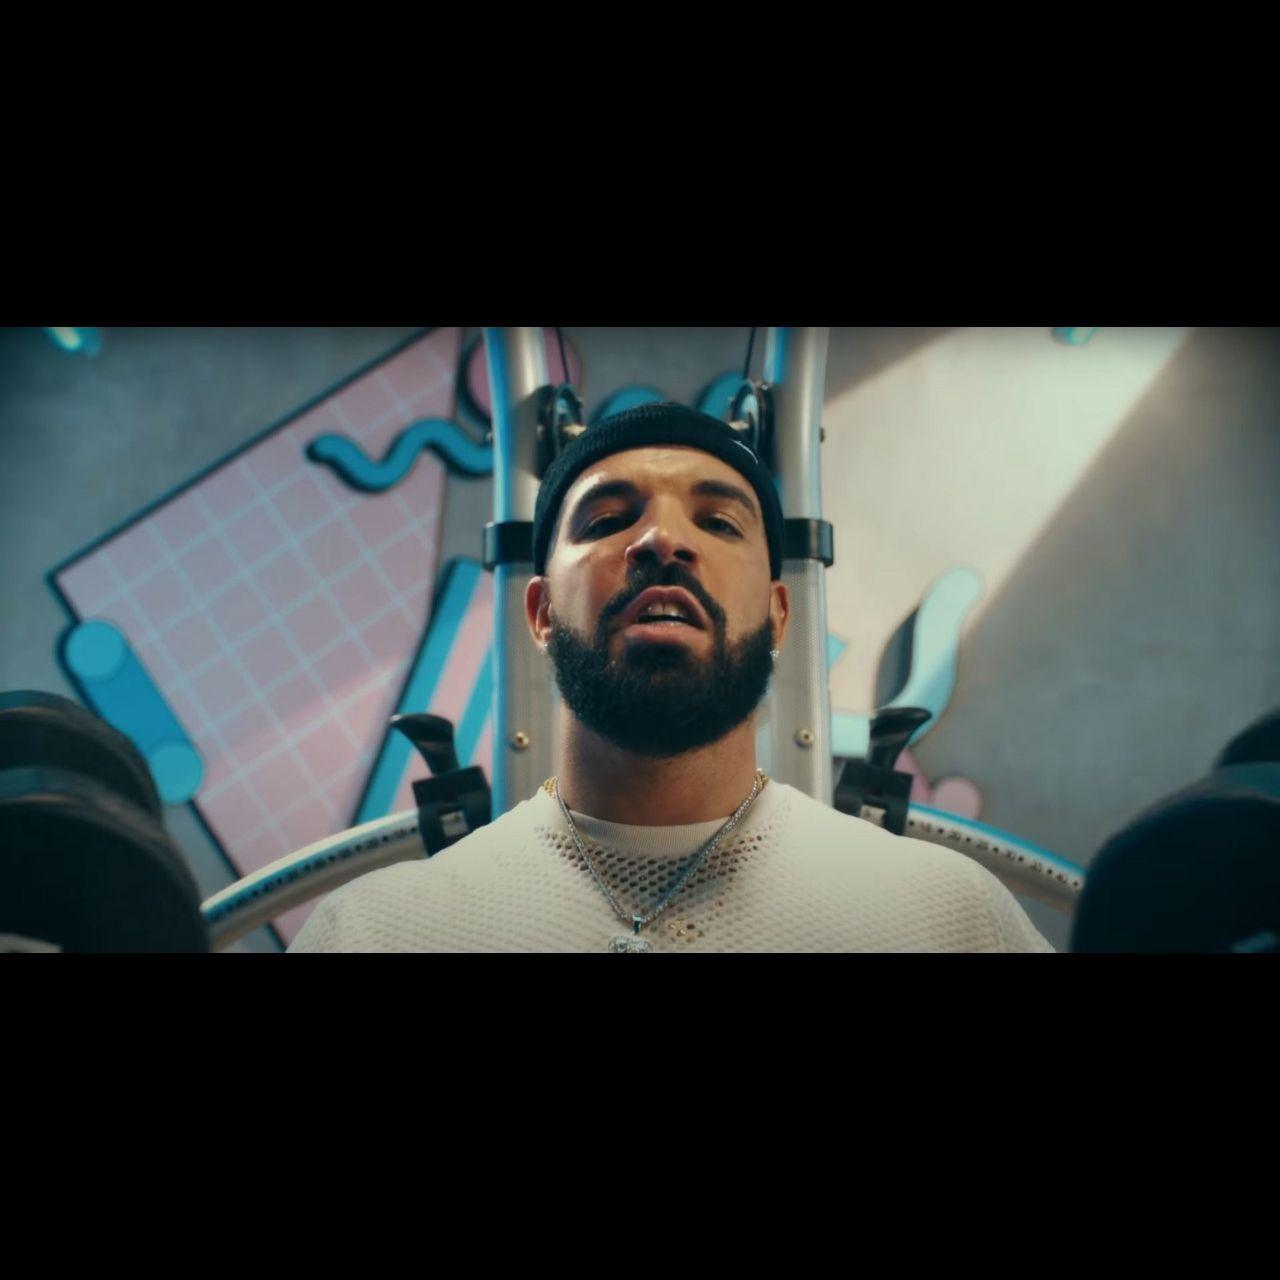 Drake - Way 2 Sexy (ft. Future and Young Thug) (Thumbnail)